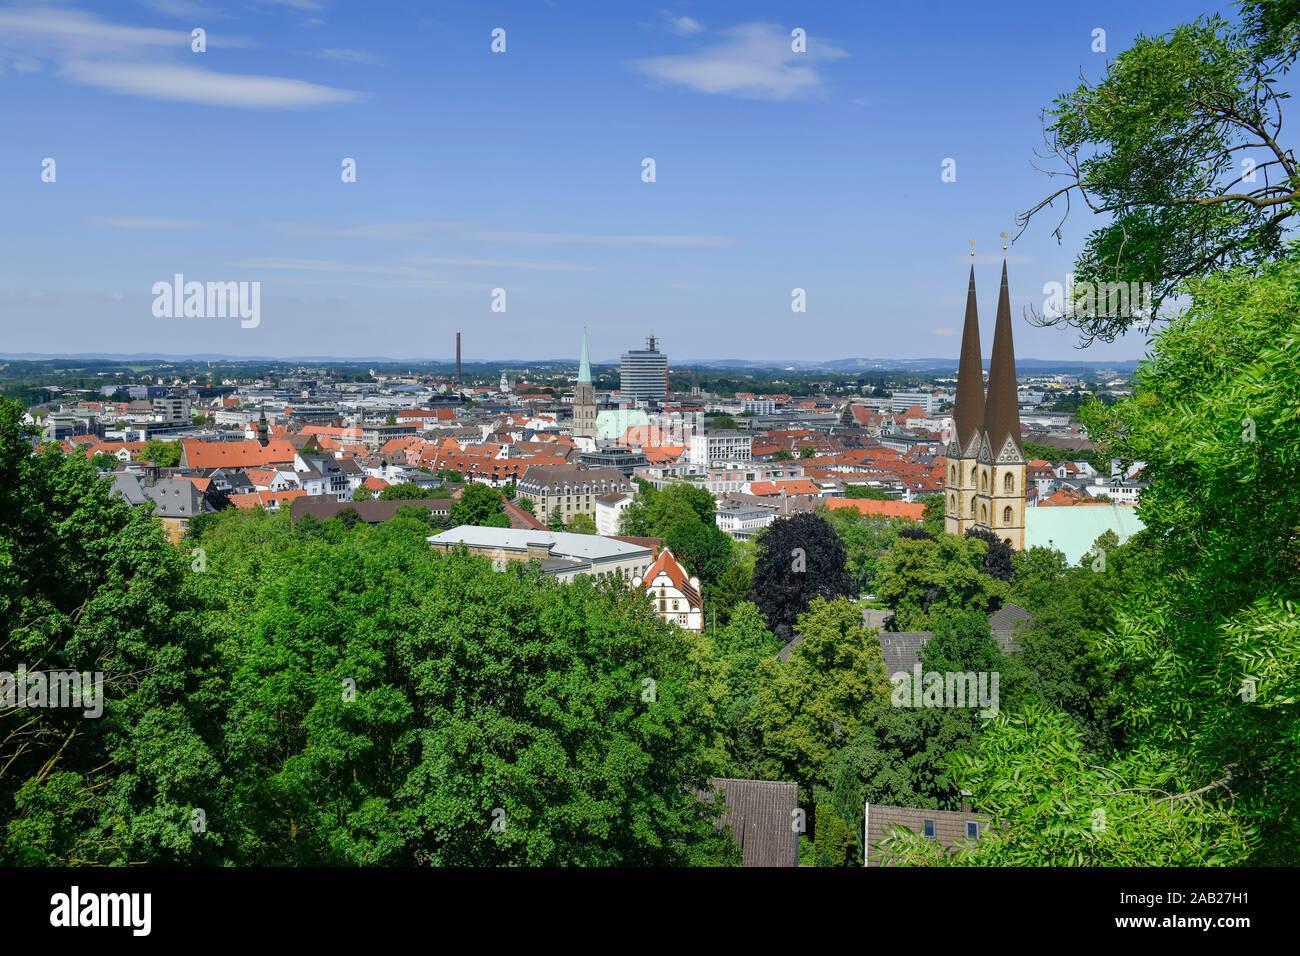 Stadtpanorama, Bielefeld, Nordrhein-Westfalen, Deutschland Stock Photo